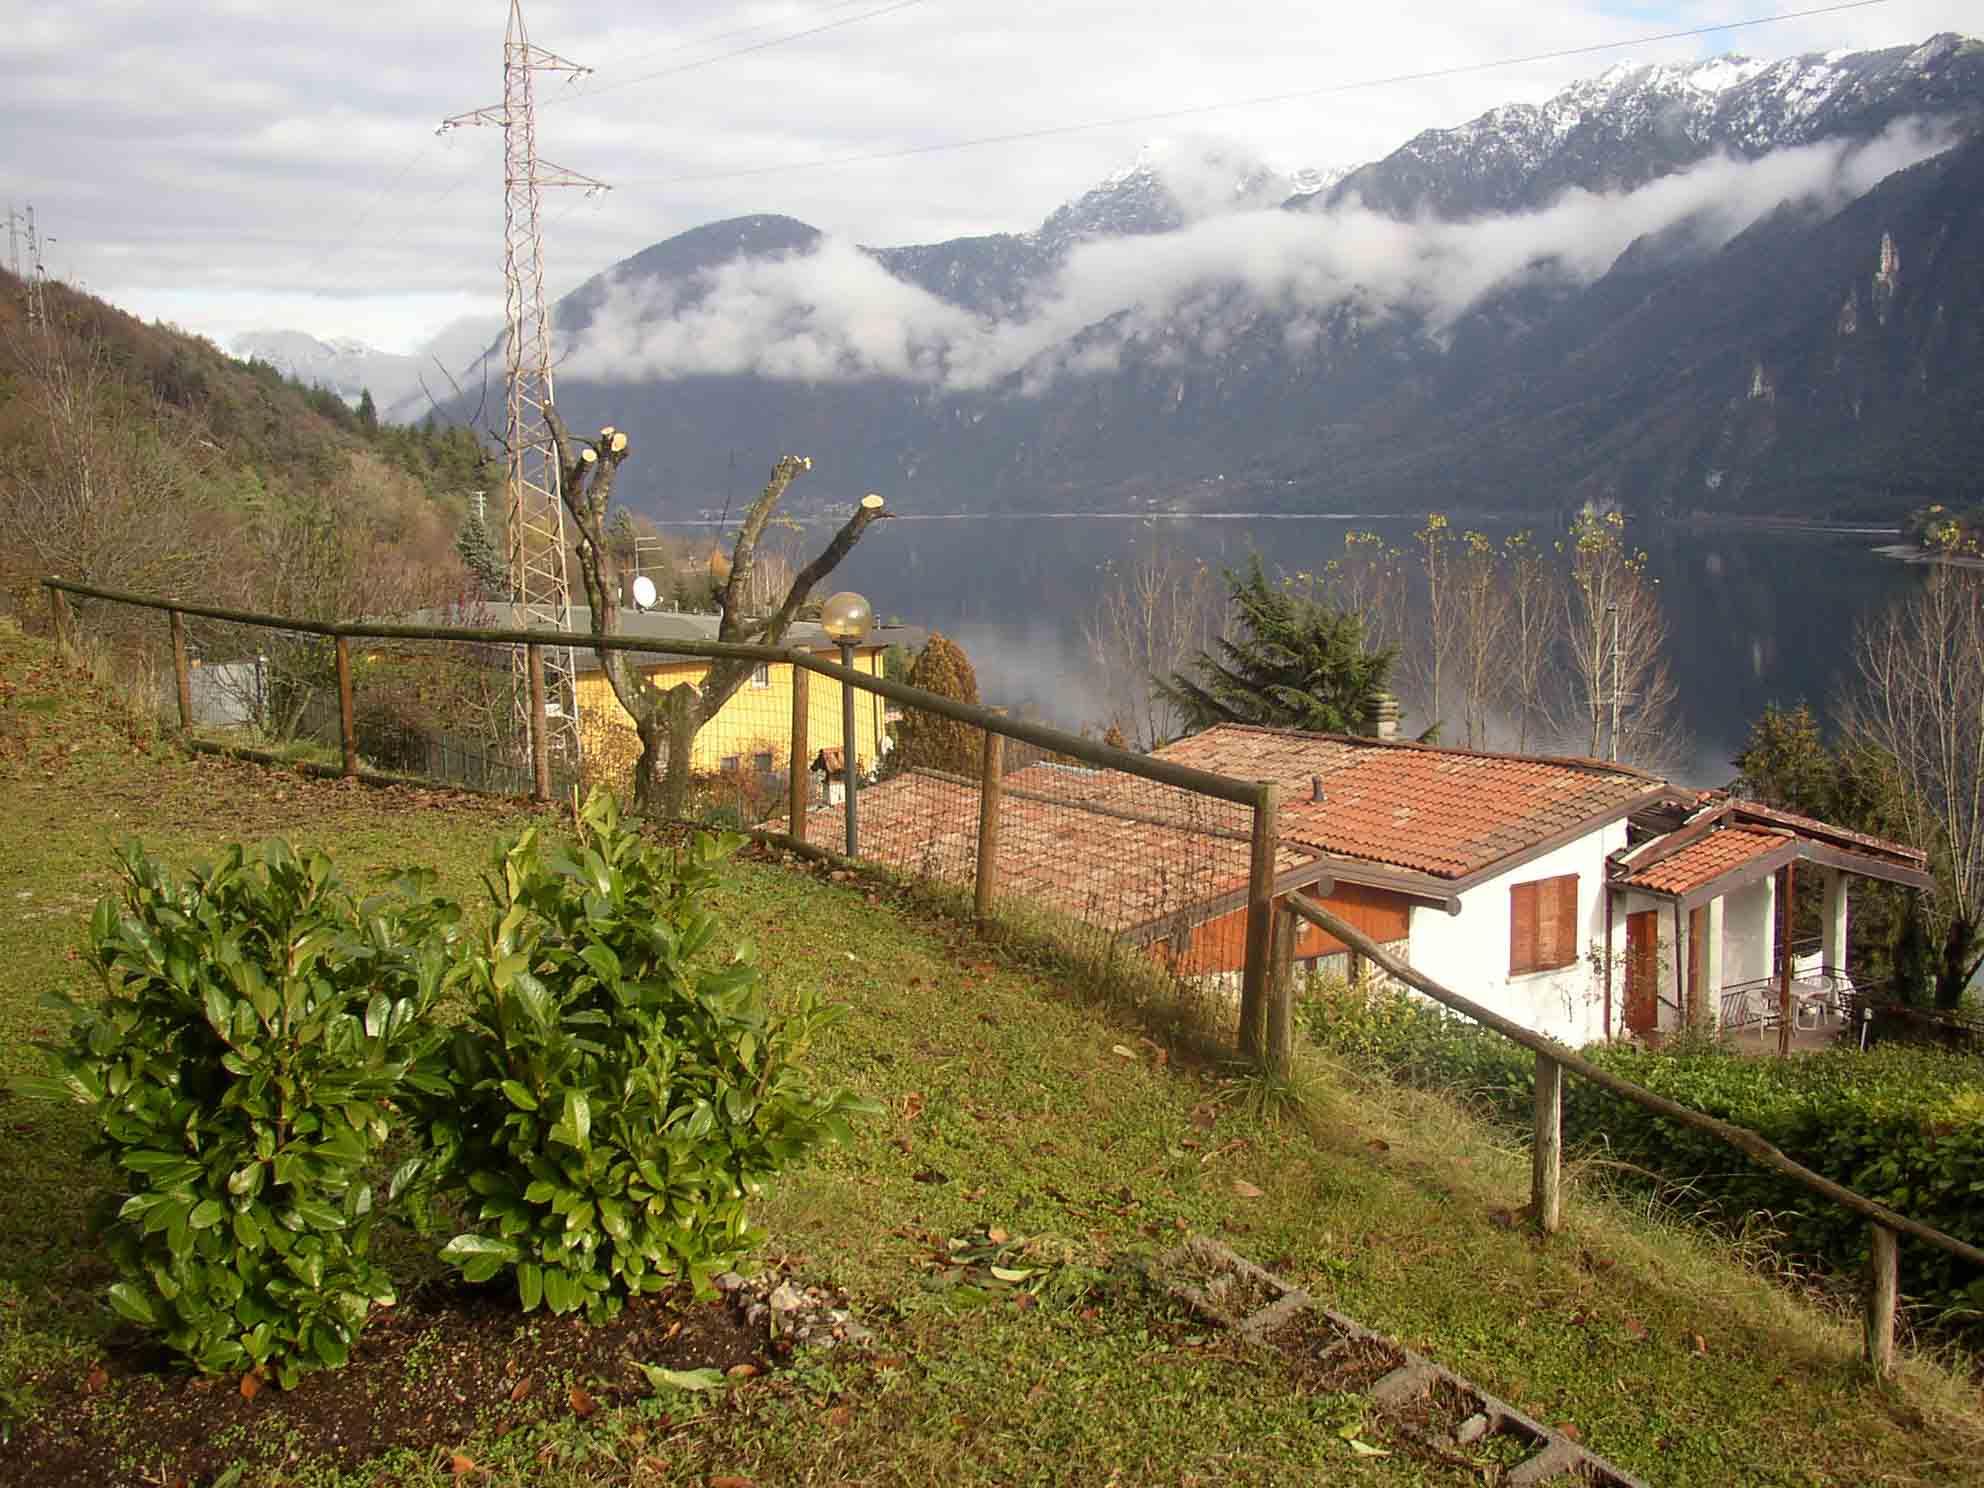 Casa Marcella Lake view - Idro lake - Hotel Alpino